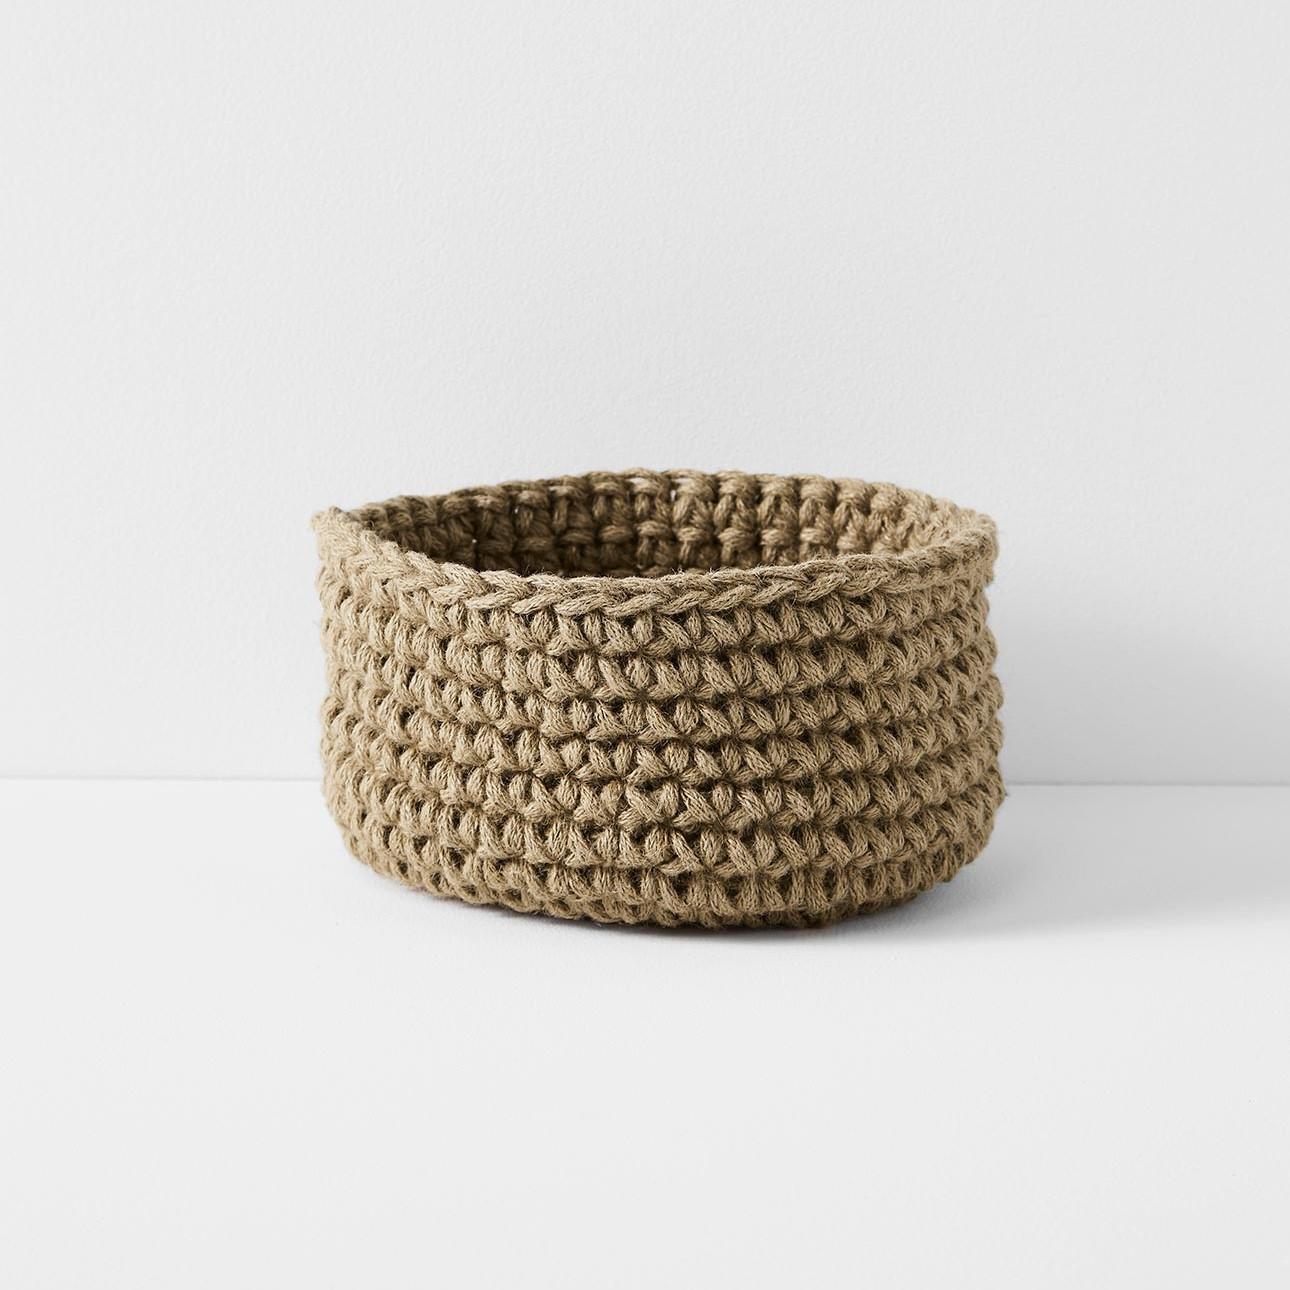 crochet_large_low_basket_jute.jpg